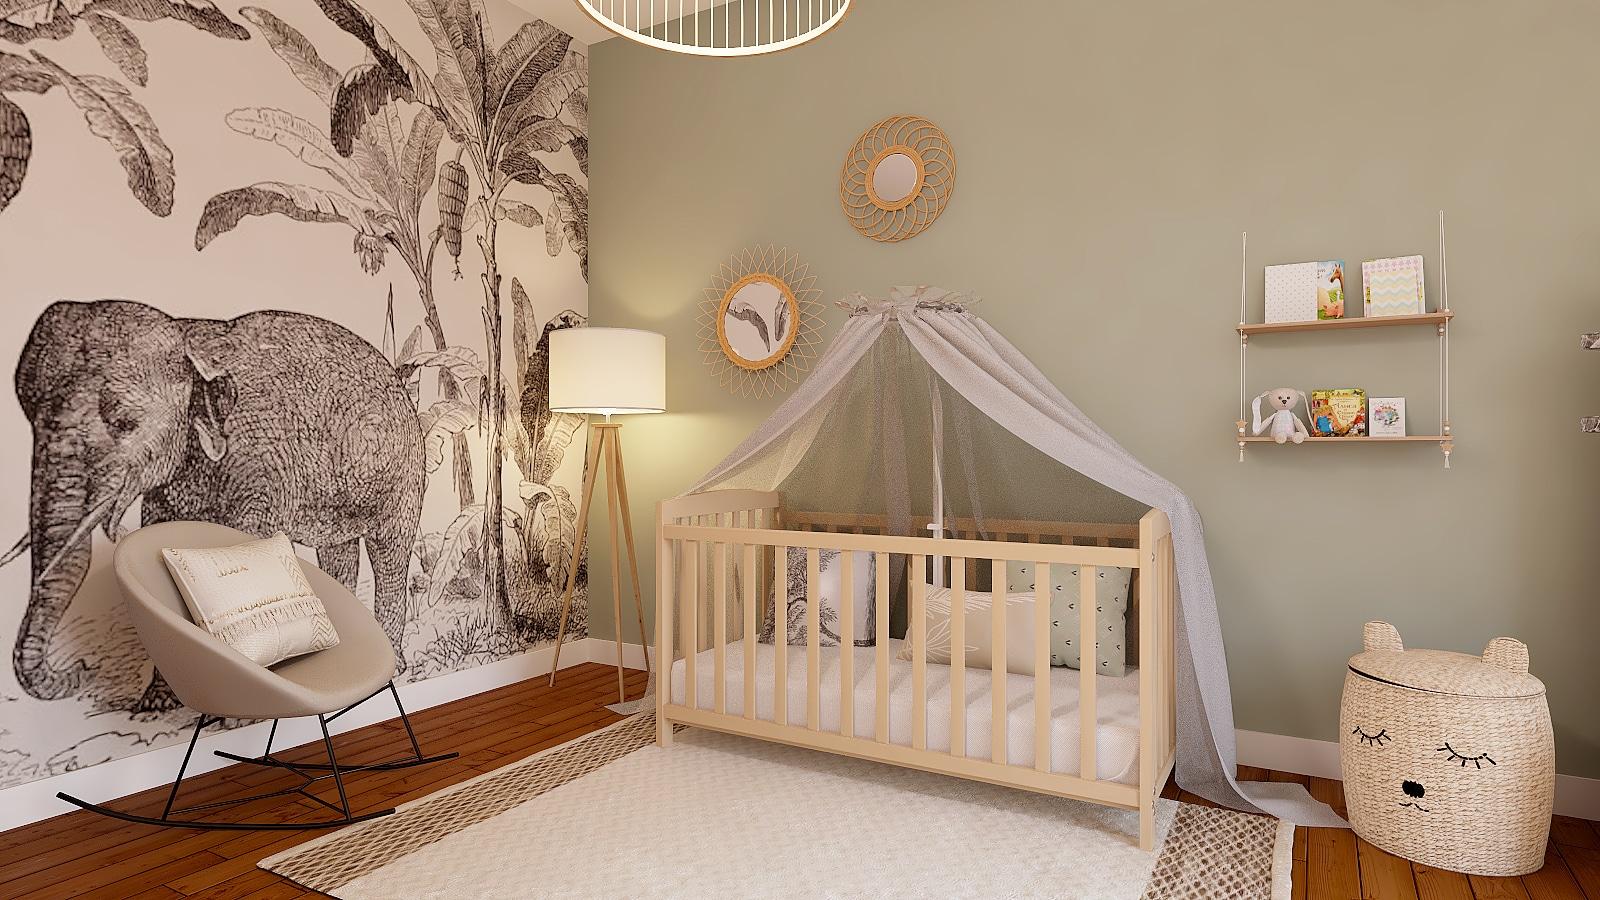 Inspiration décoration : Nos 16 idées pour des chambres bébé mixtes